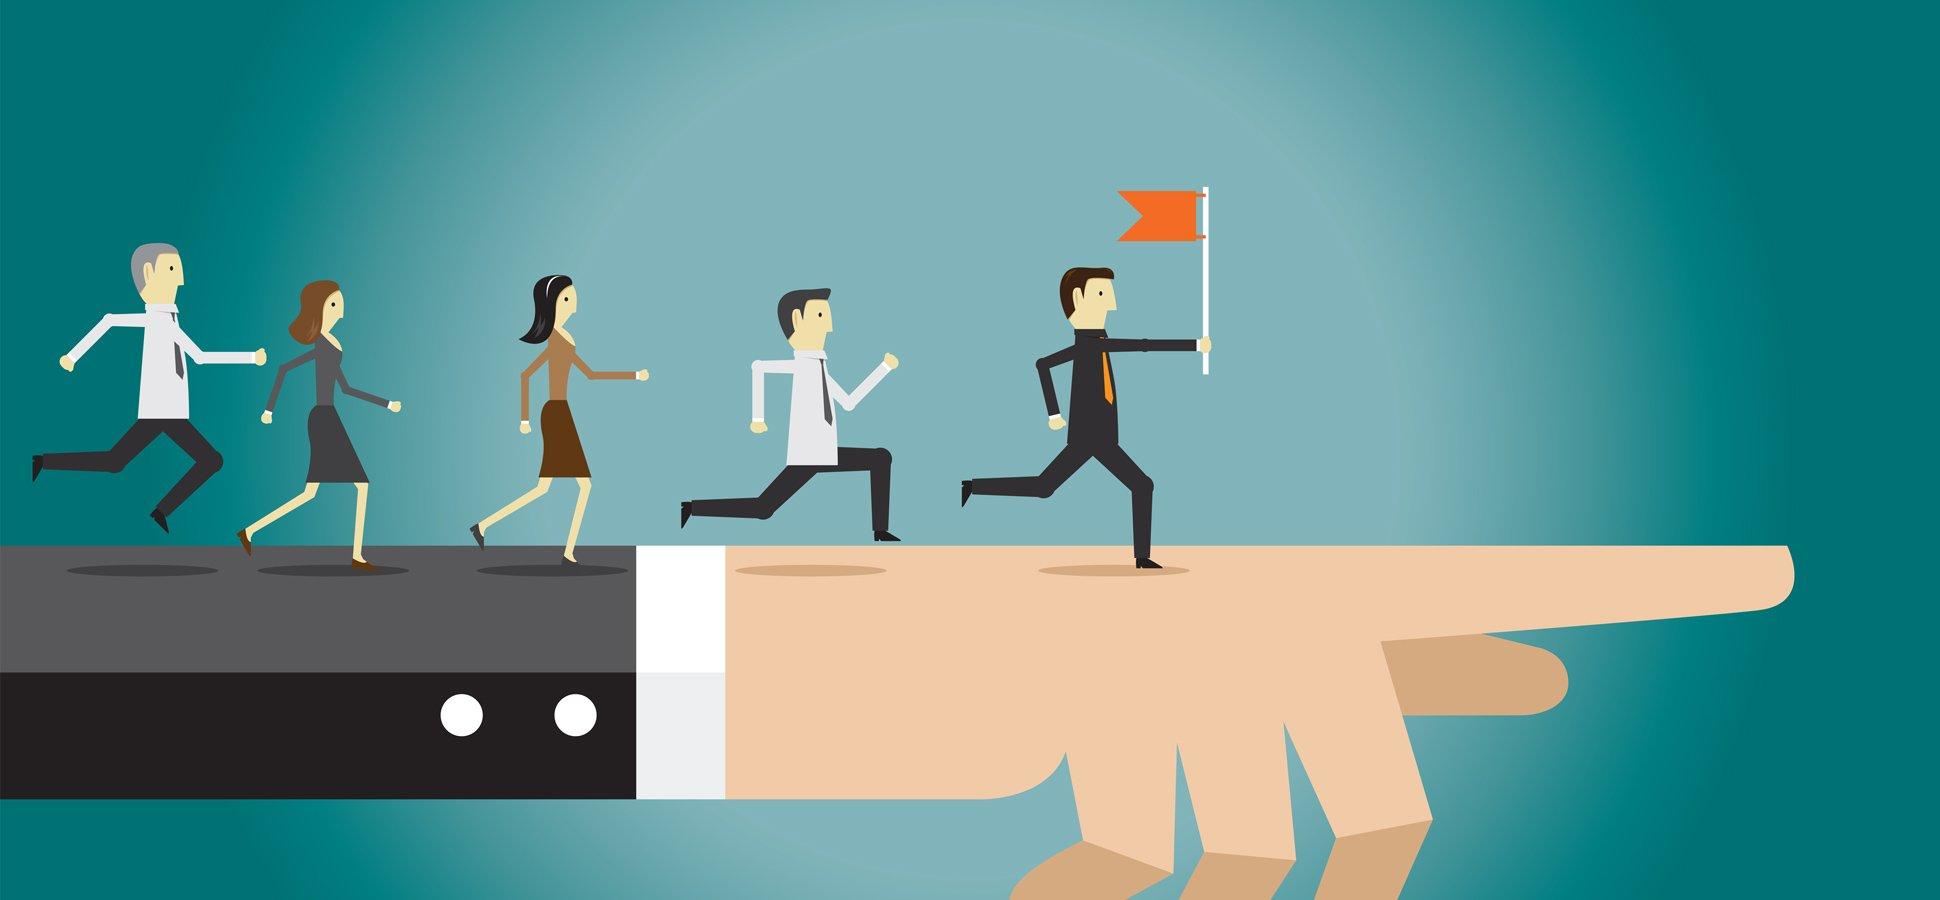 chức năng Chỉ đạo của quản trị doanh nghiệp